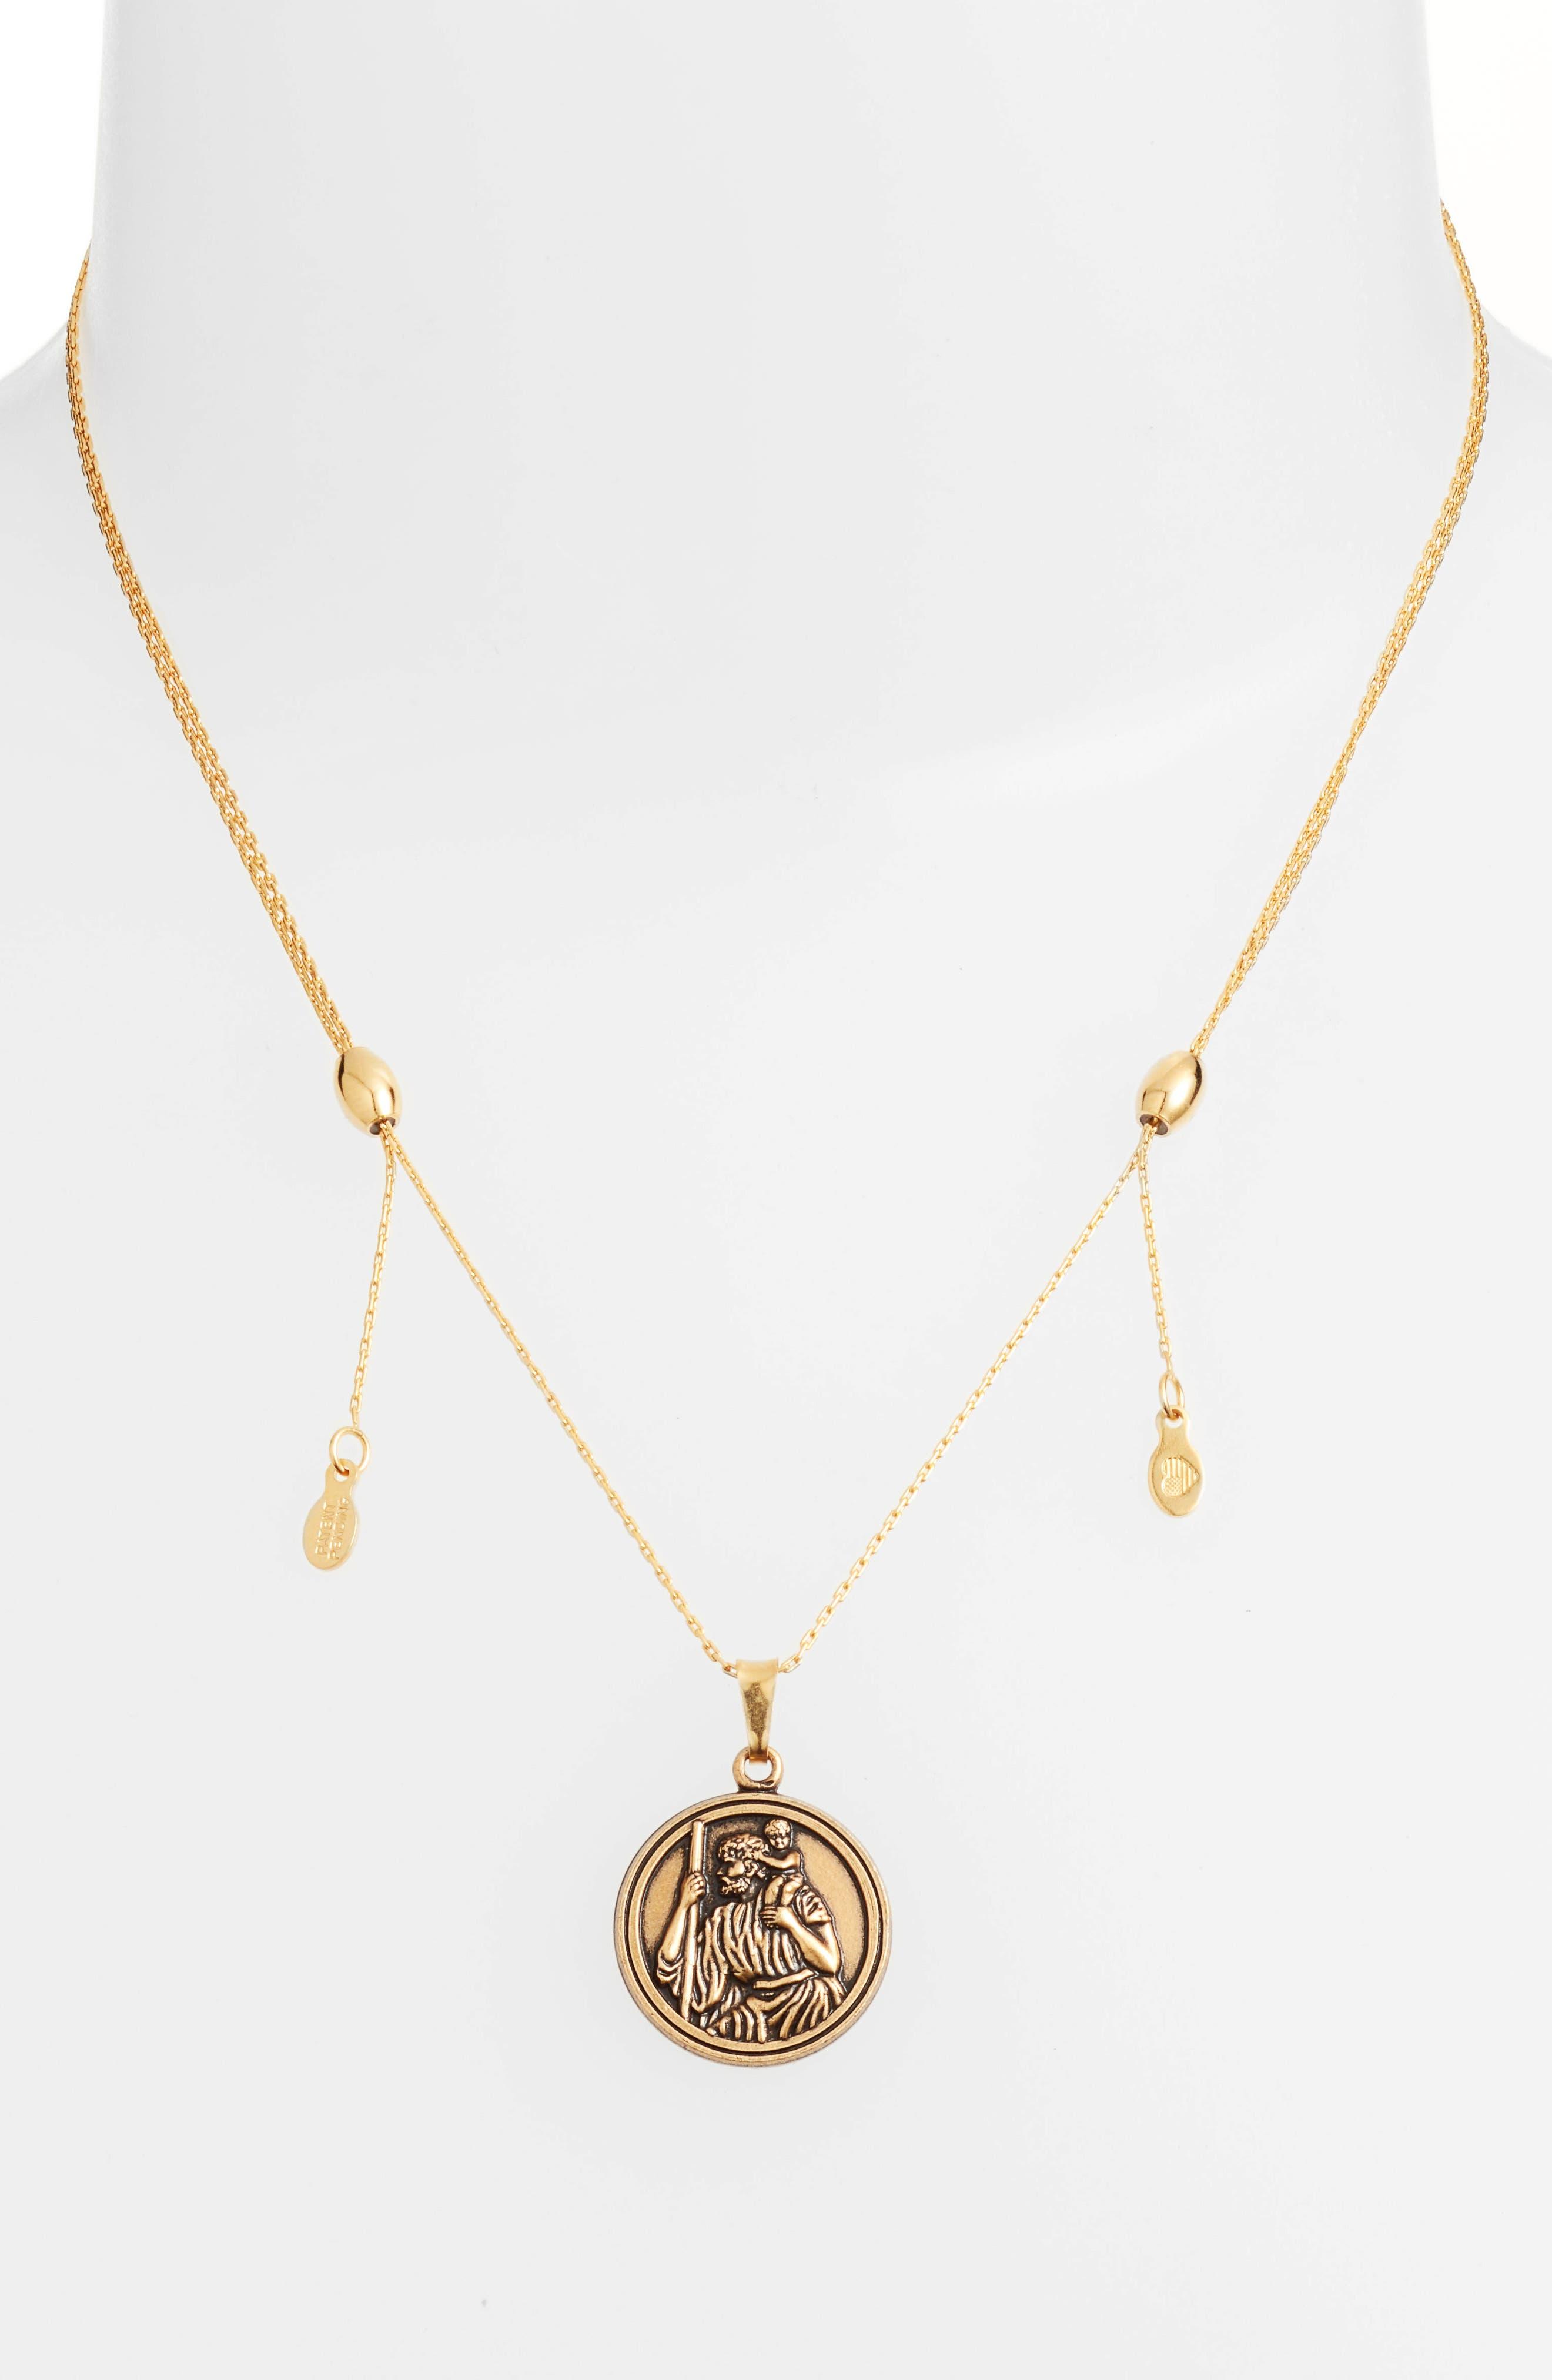 Saint Christopher Pendant Necklace,                             Alternate thumbnail 4, color,                             Gold